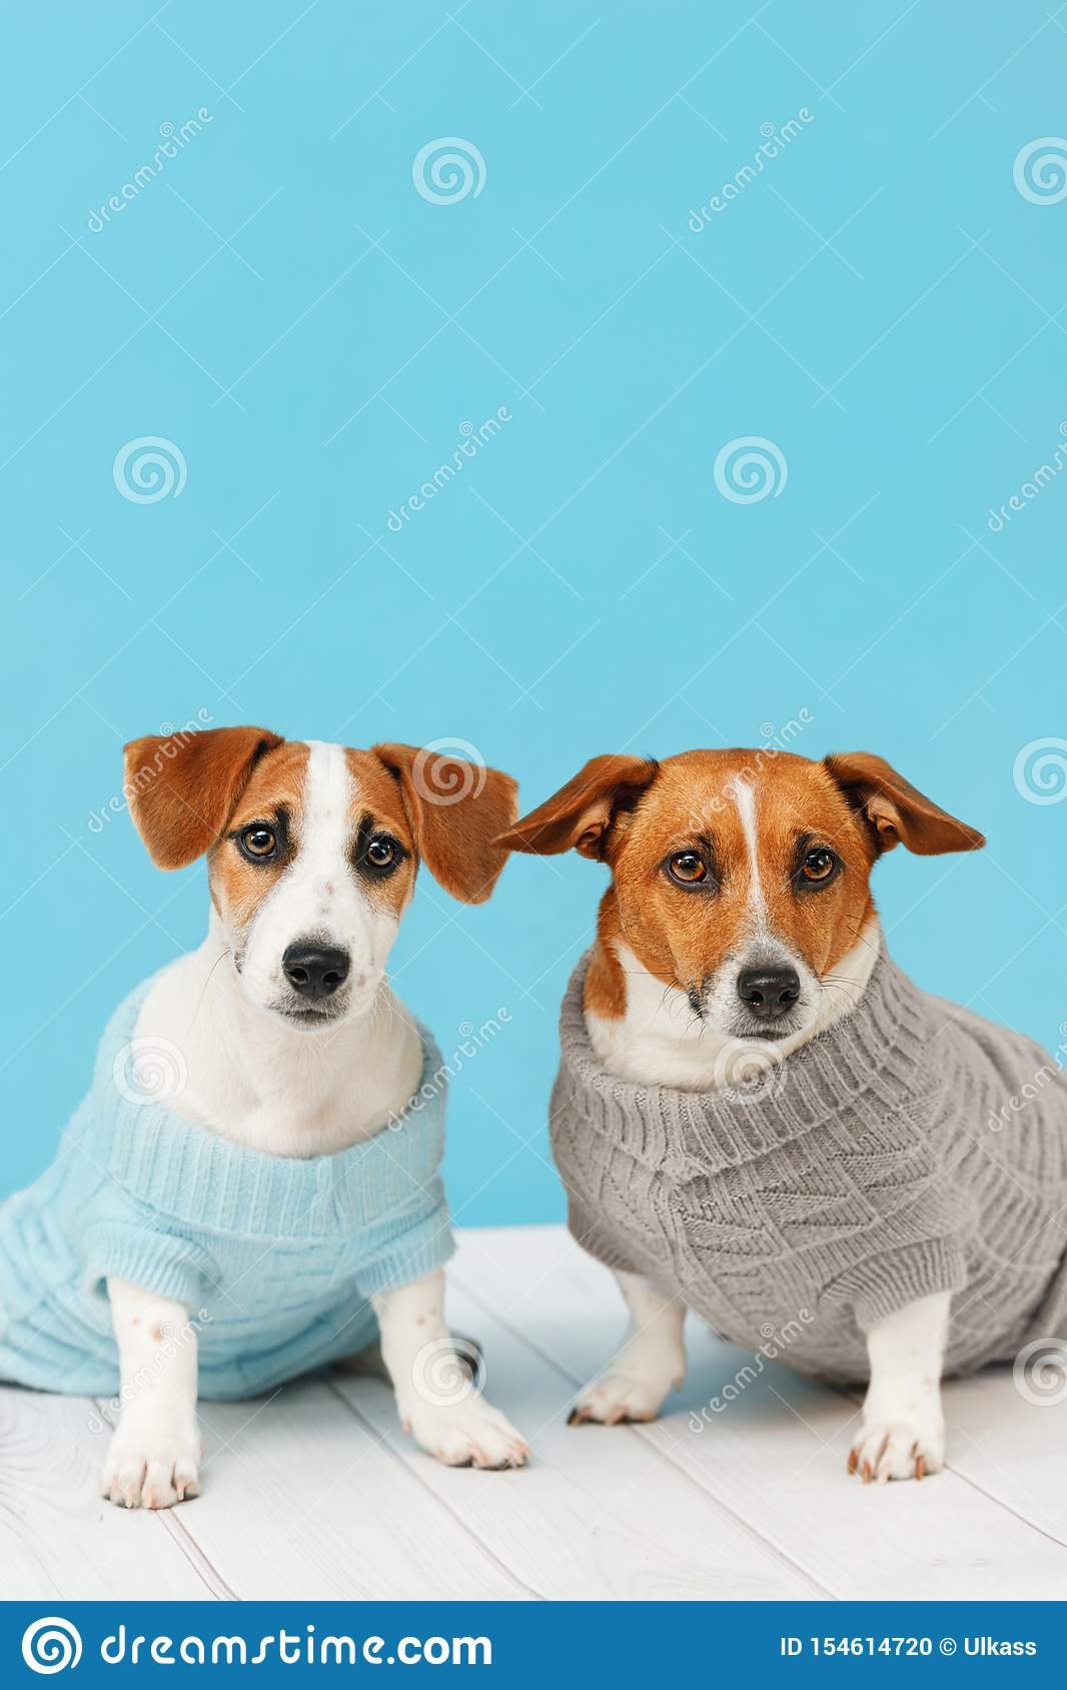 Πορτρέτο των χαριτωμένων σκυλιών στις πλεκτές μπλούζες, της φωτογραφίας στούντιο του κουταβιού του Jack Russell και του mom του